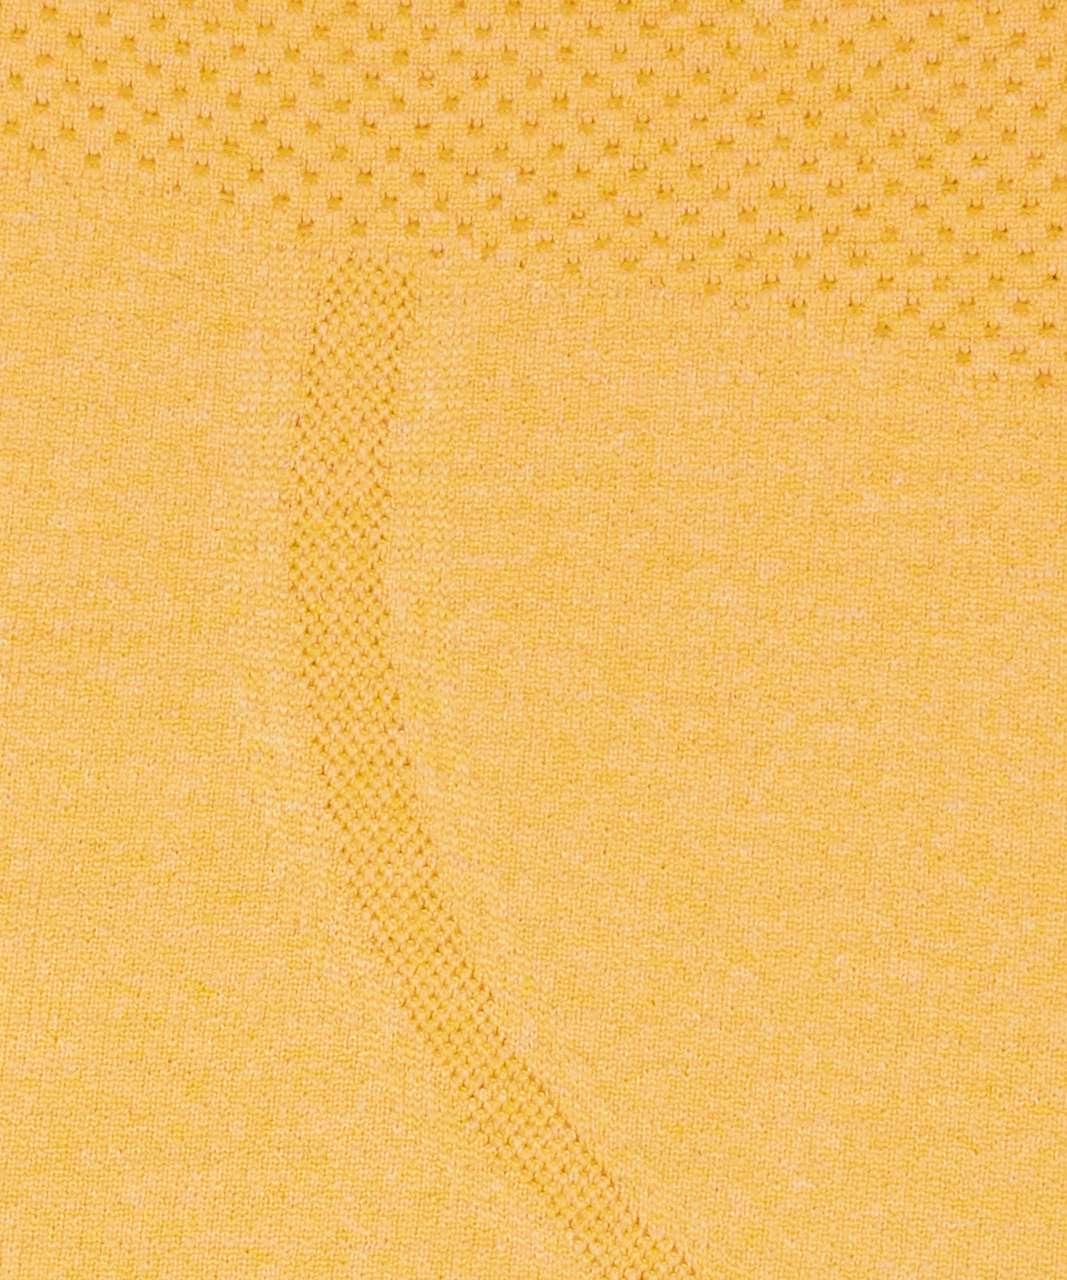 Lululemon Swiftly Tech Racerback - Honey Lemon / White